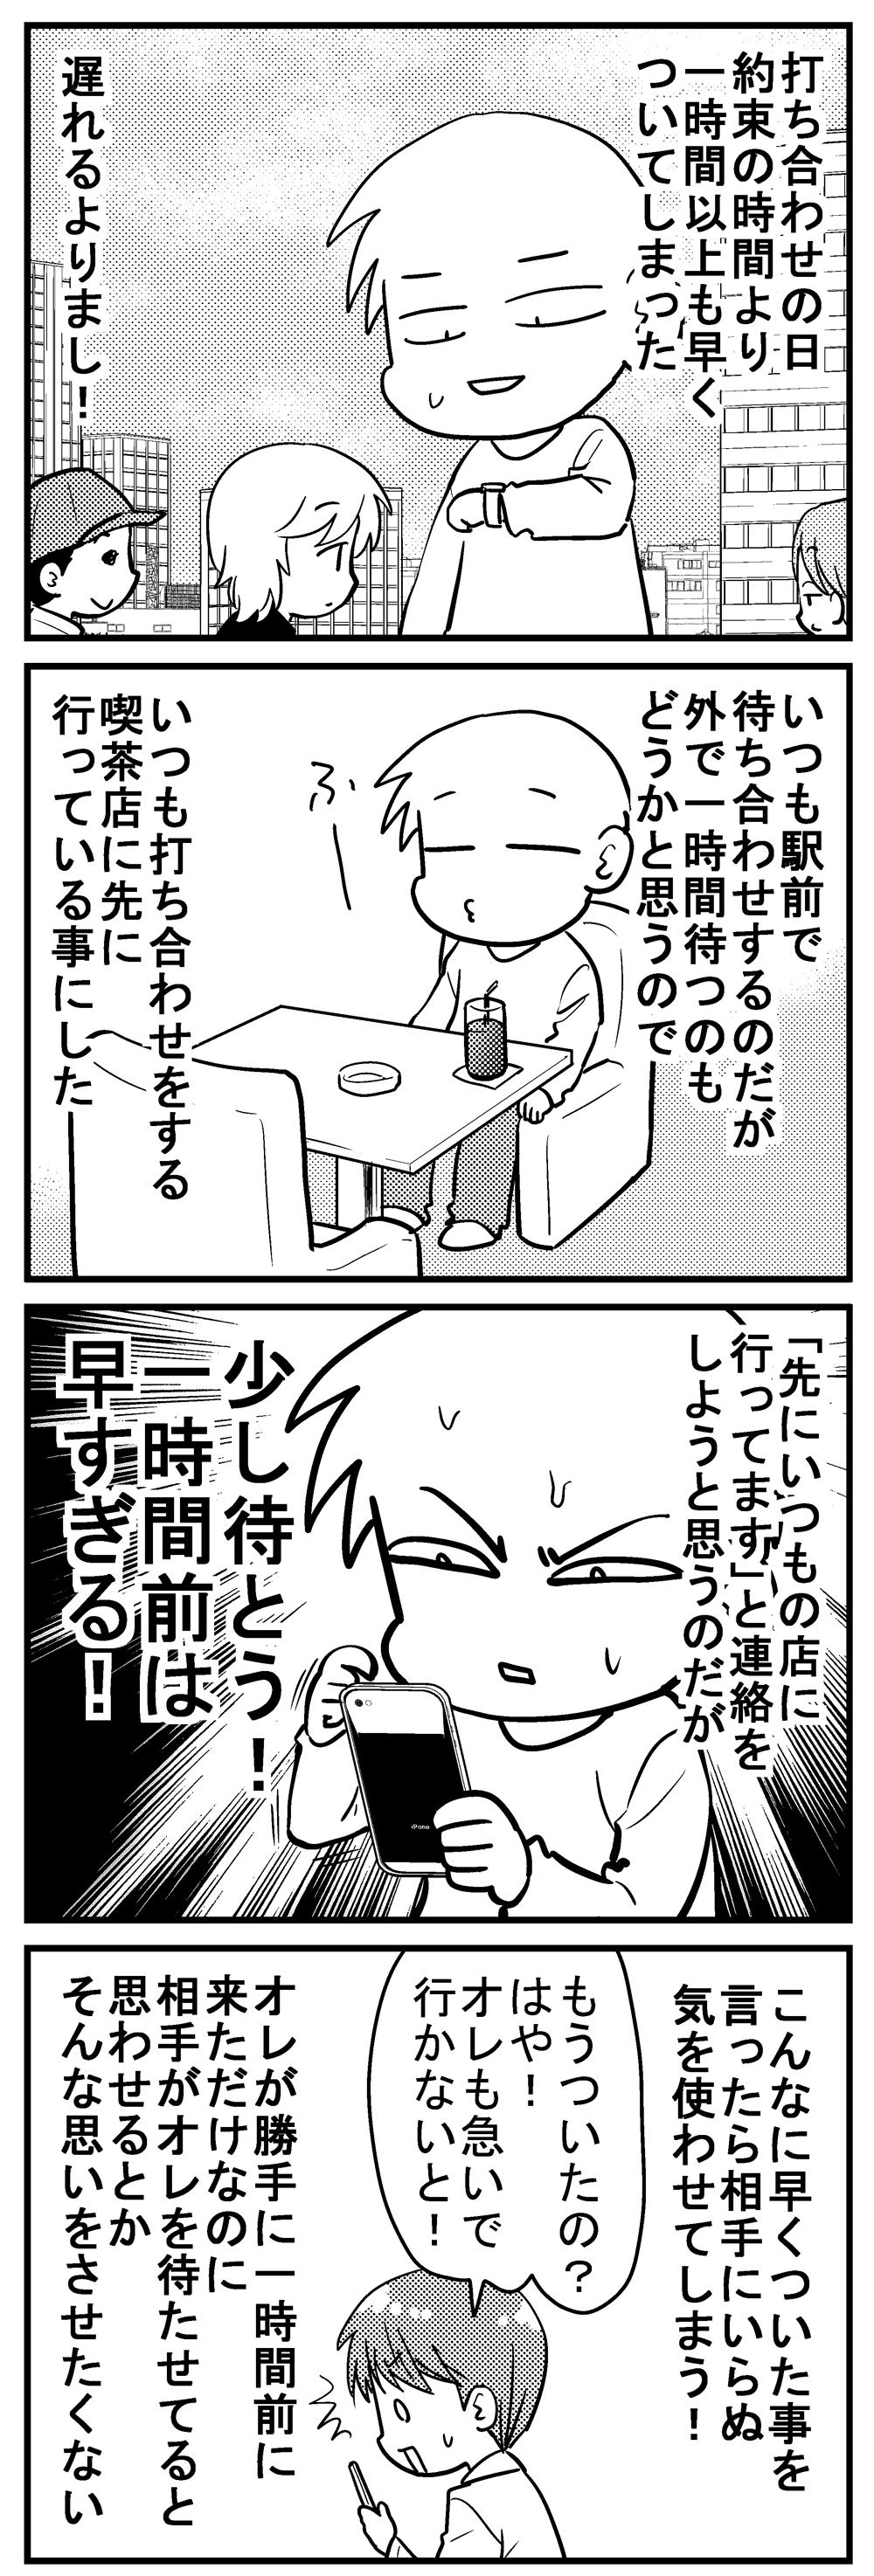 深読みくん95 1